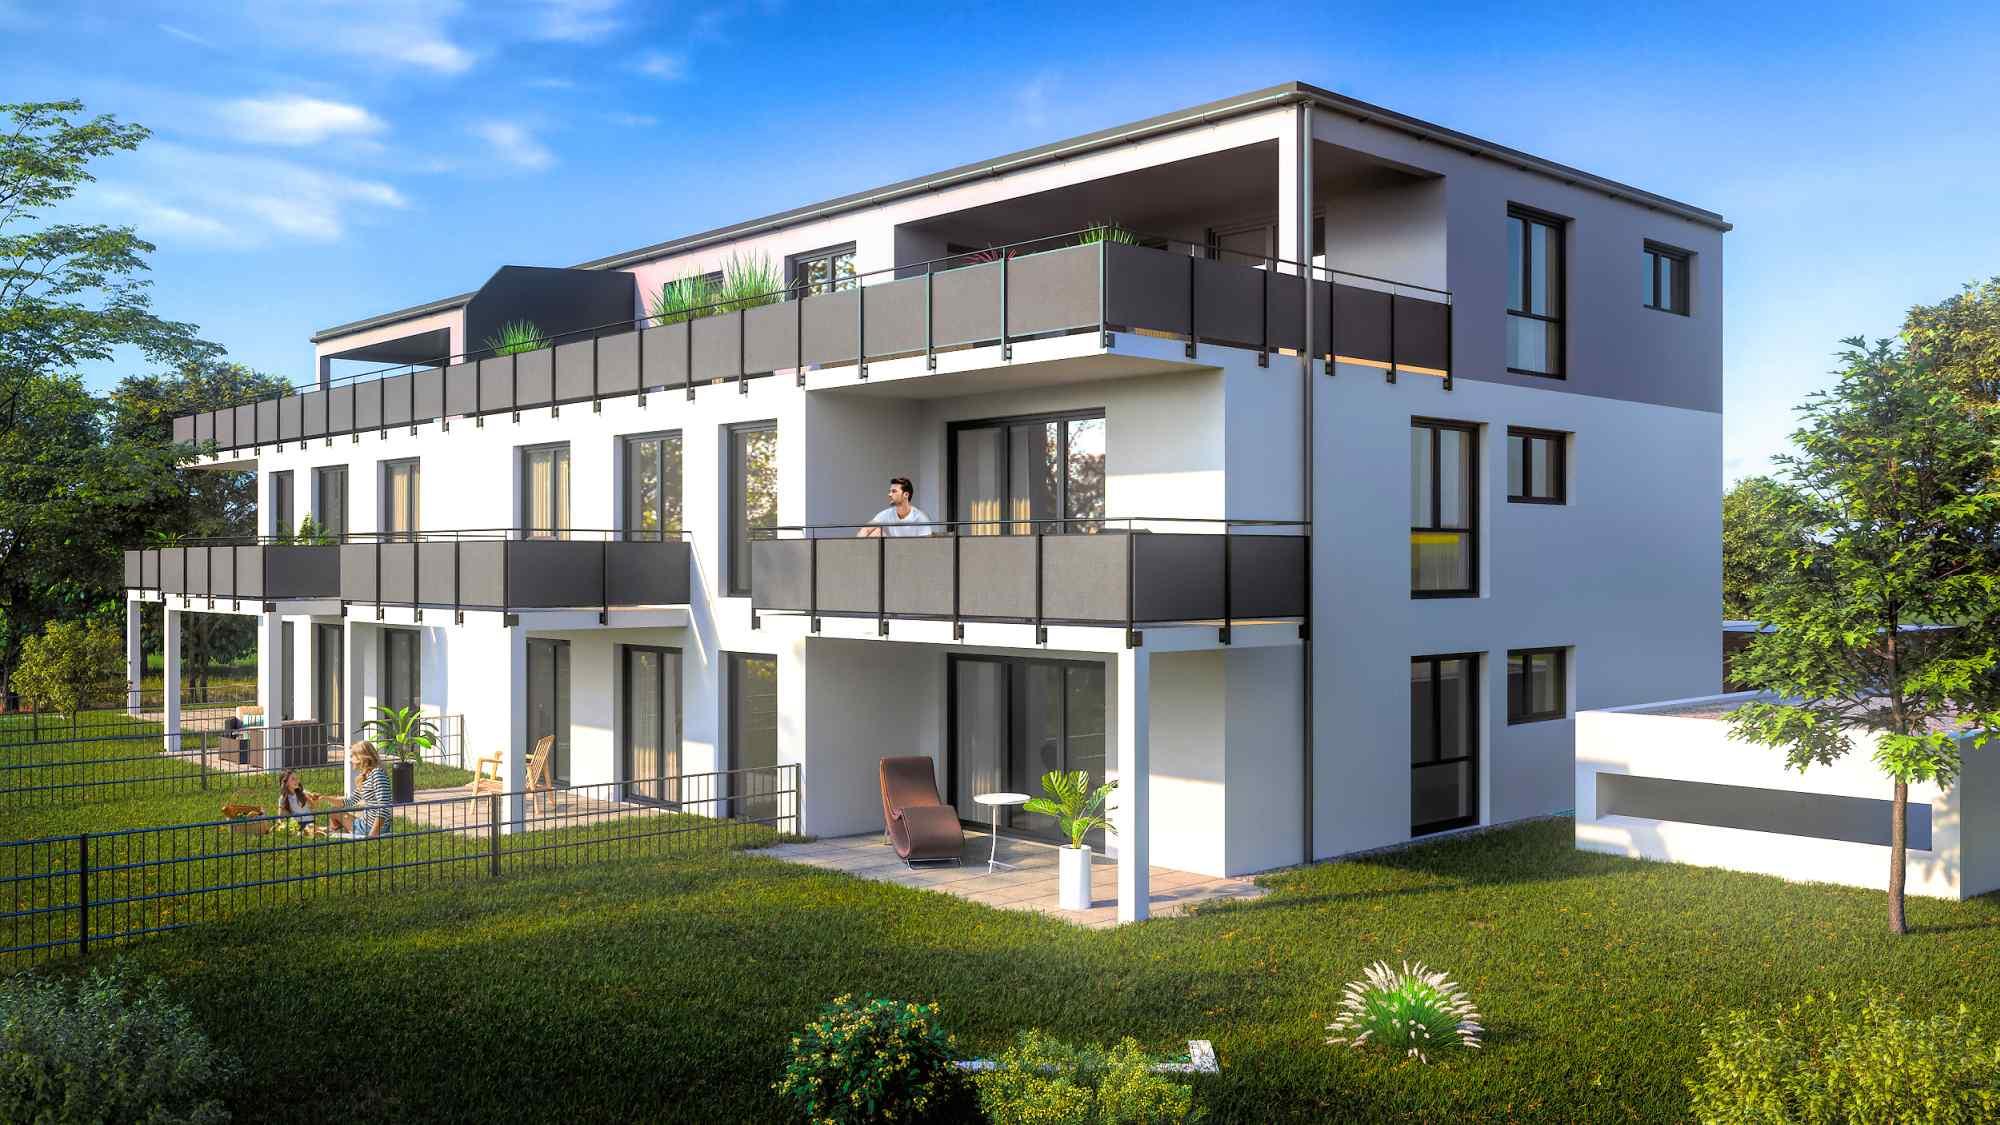 3D Architektur Rendering eines Mehrfamilienhauses